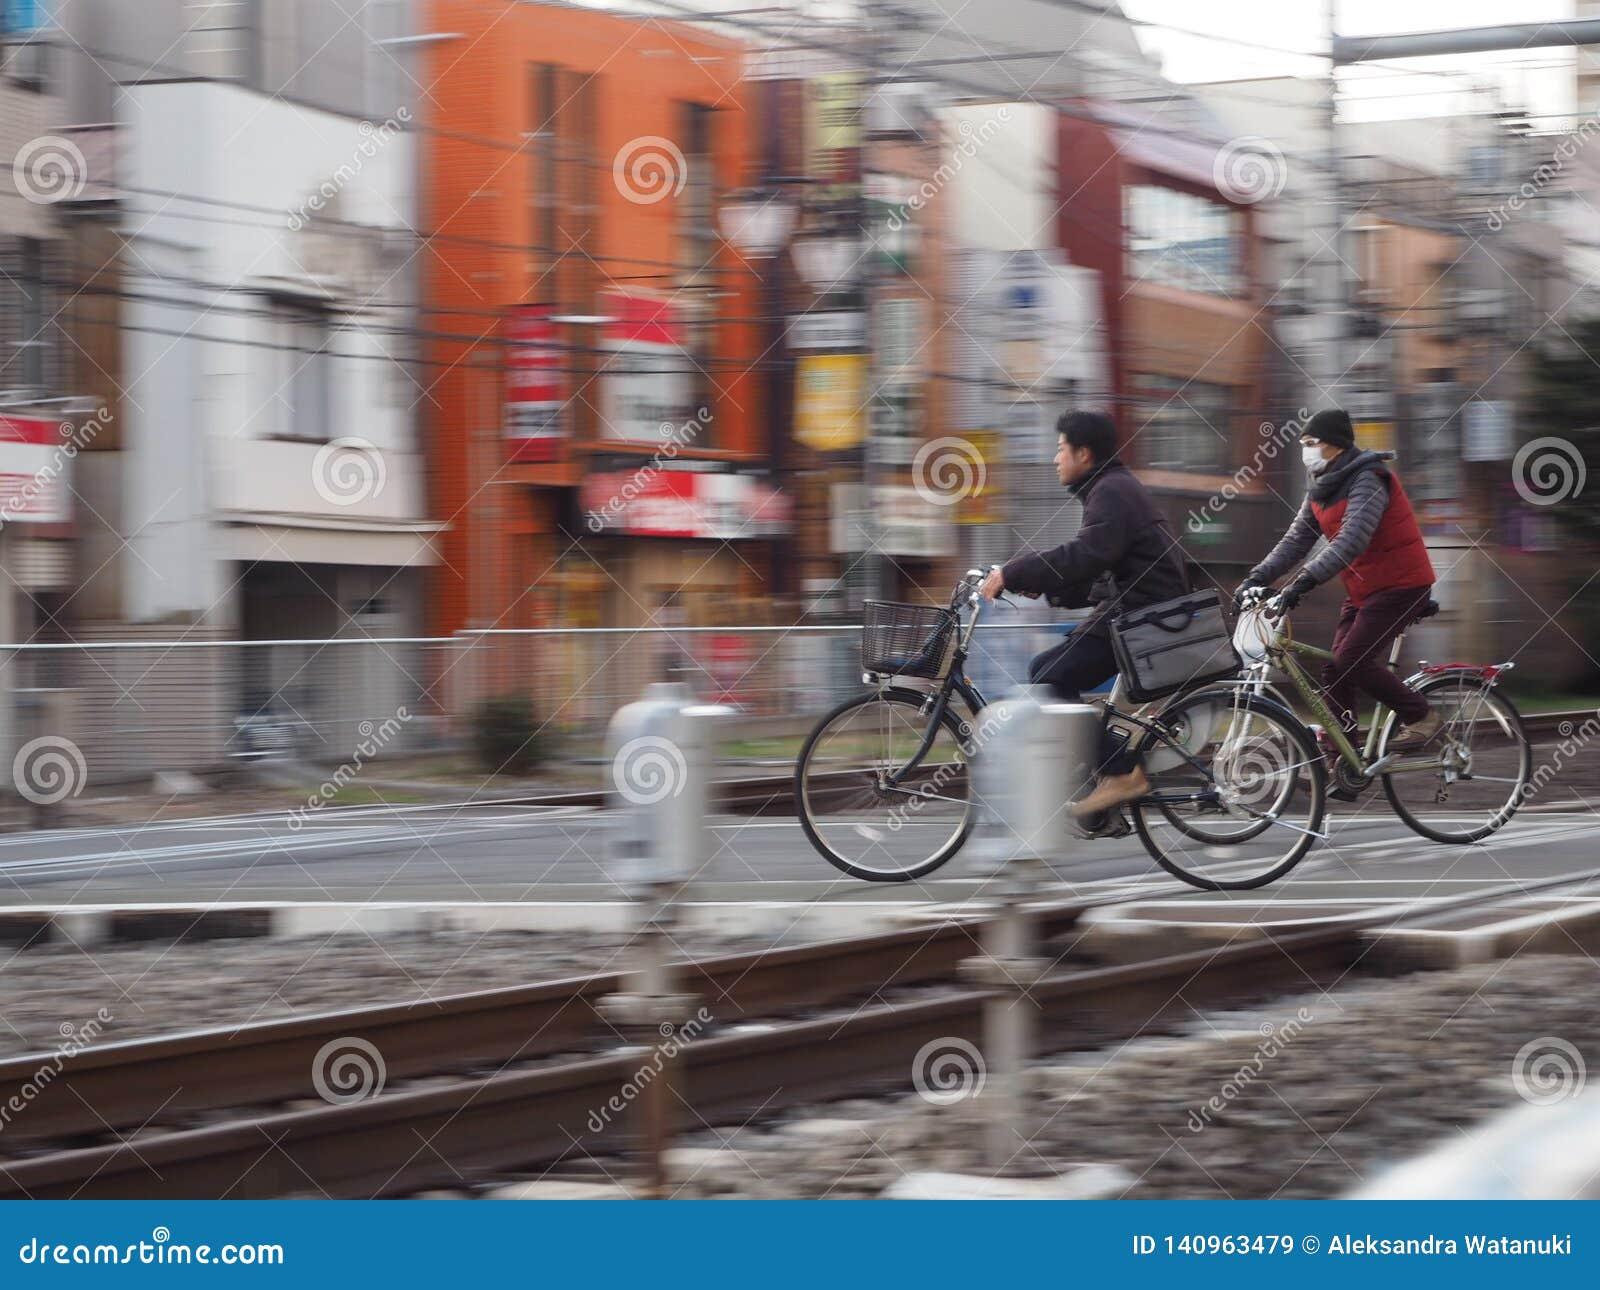 Linia kolejowa bicykle i skrzyżowanie